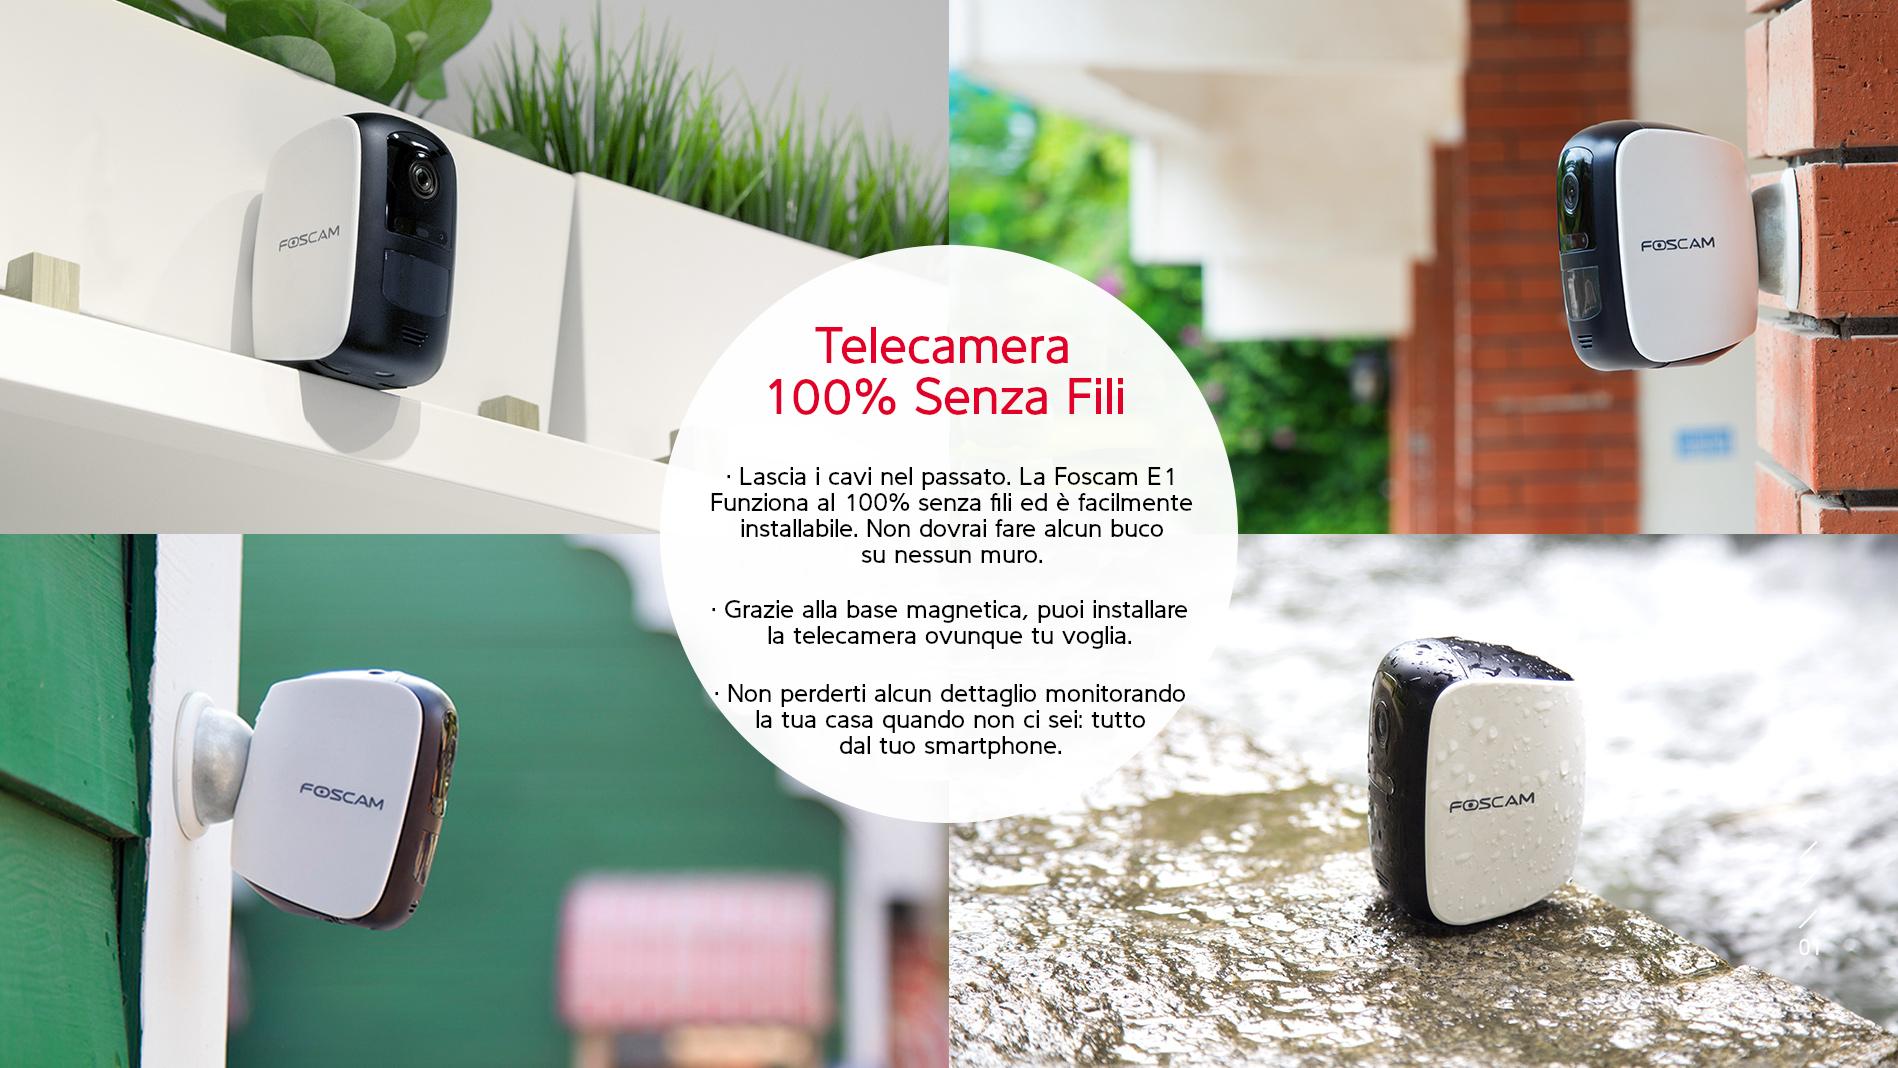 Telecamera IP per anziani - Domotica per Anziani Lookathome Foscam Italia